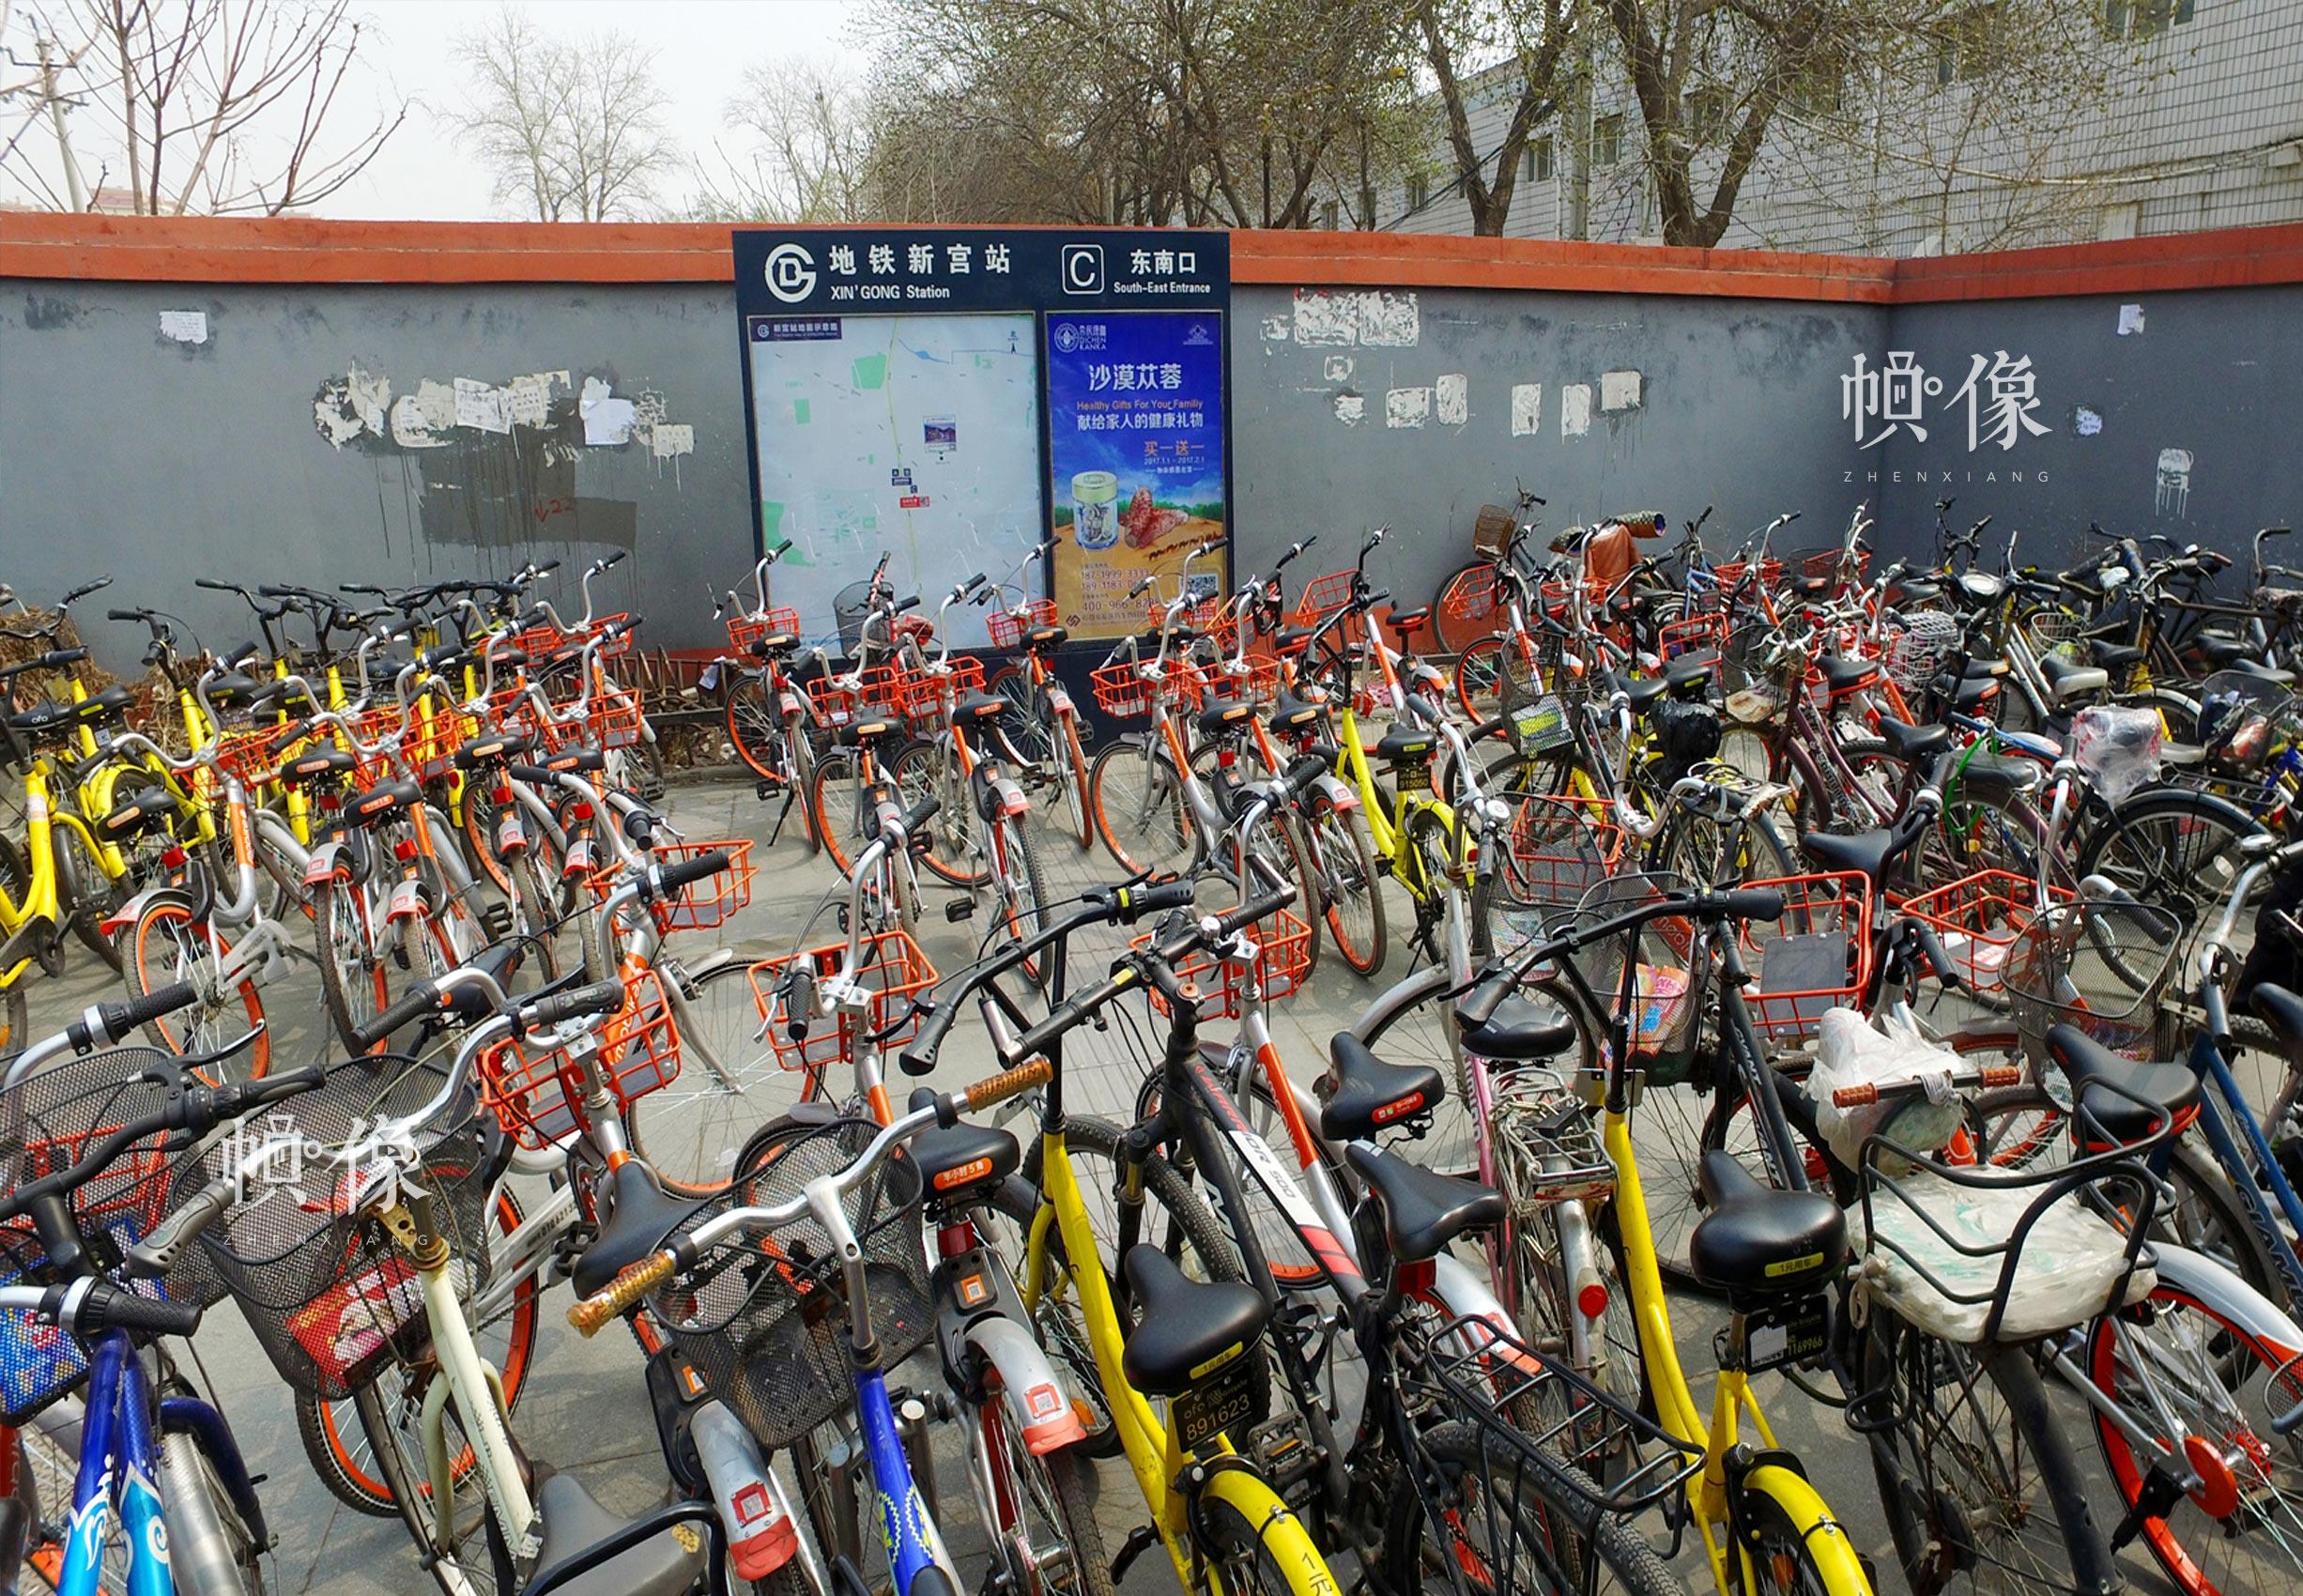 2017年3月30日,北京地铁新宫站,大量共享单车被无序停放在地铁出站口。中国网记者 高南 摄